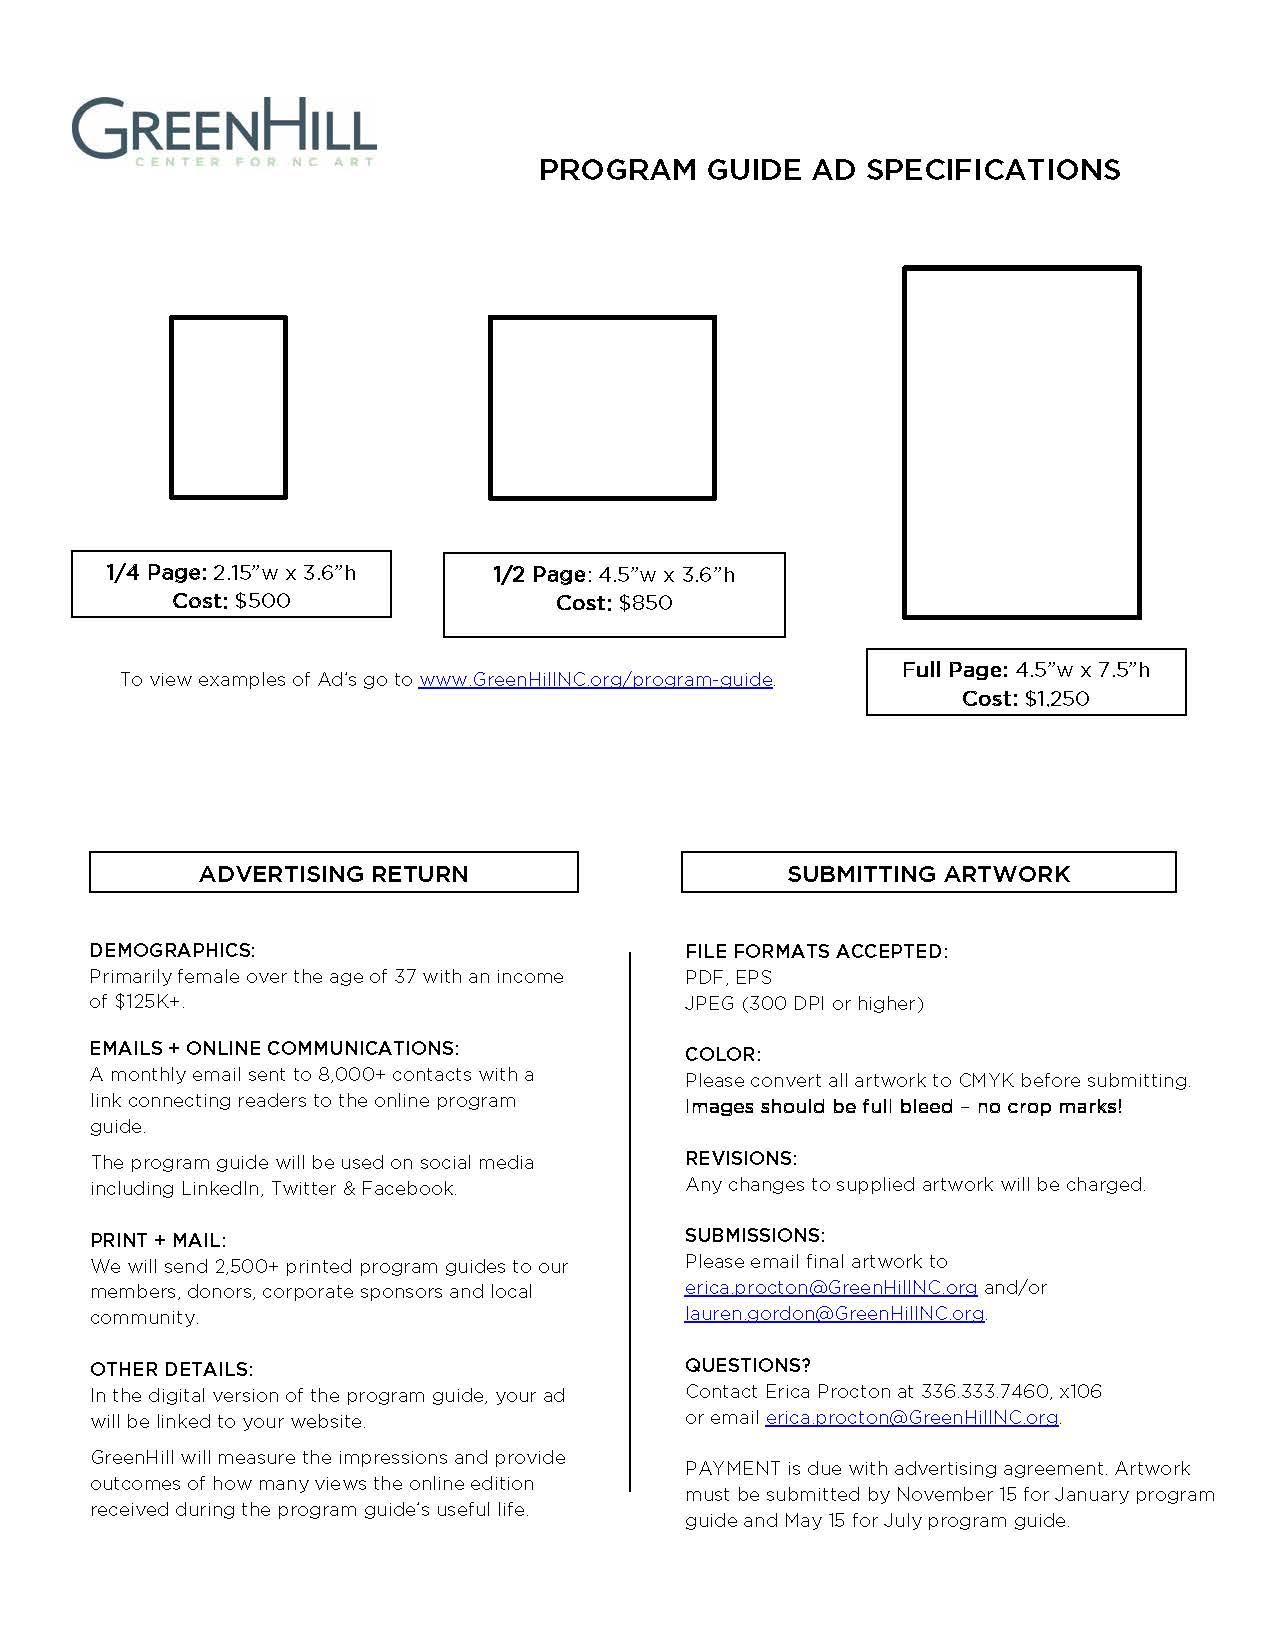 Program Guide info